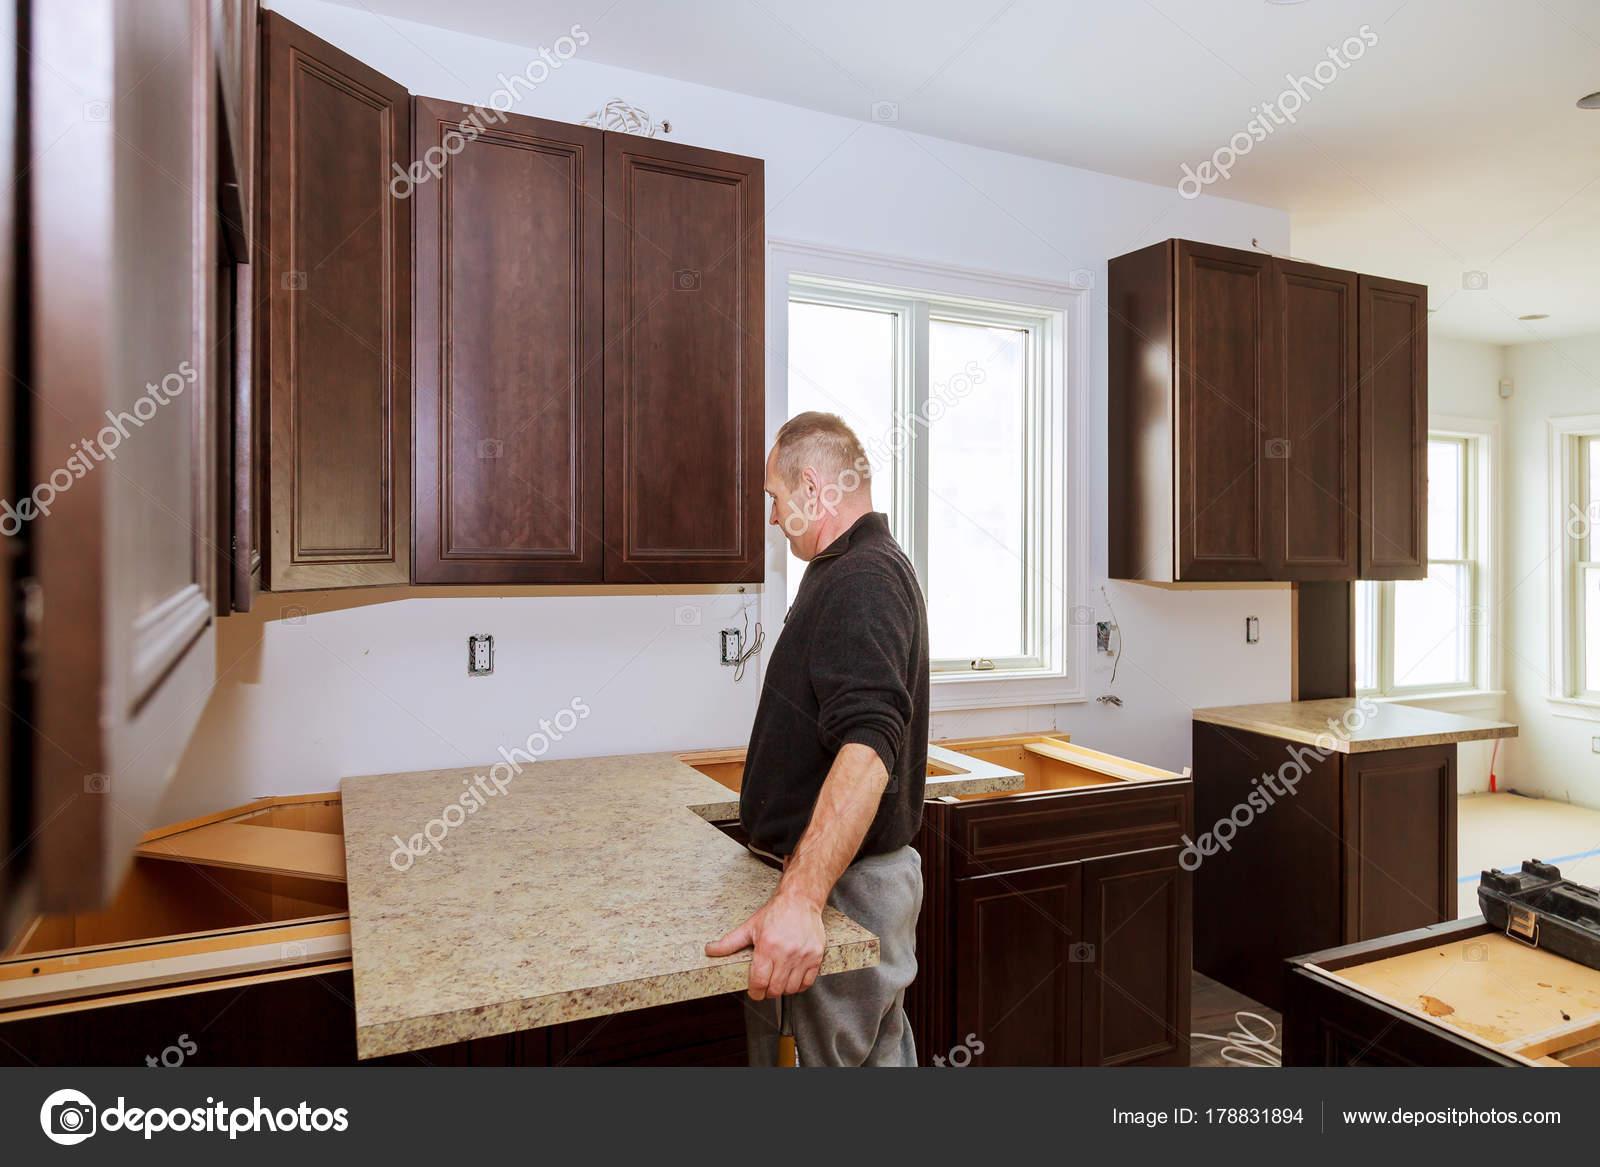 Laminaat In Keuken : Contractant installeren van een nieuwe laminaat keuken